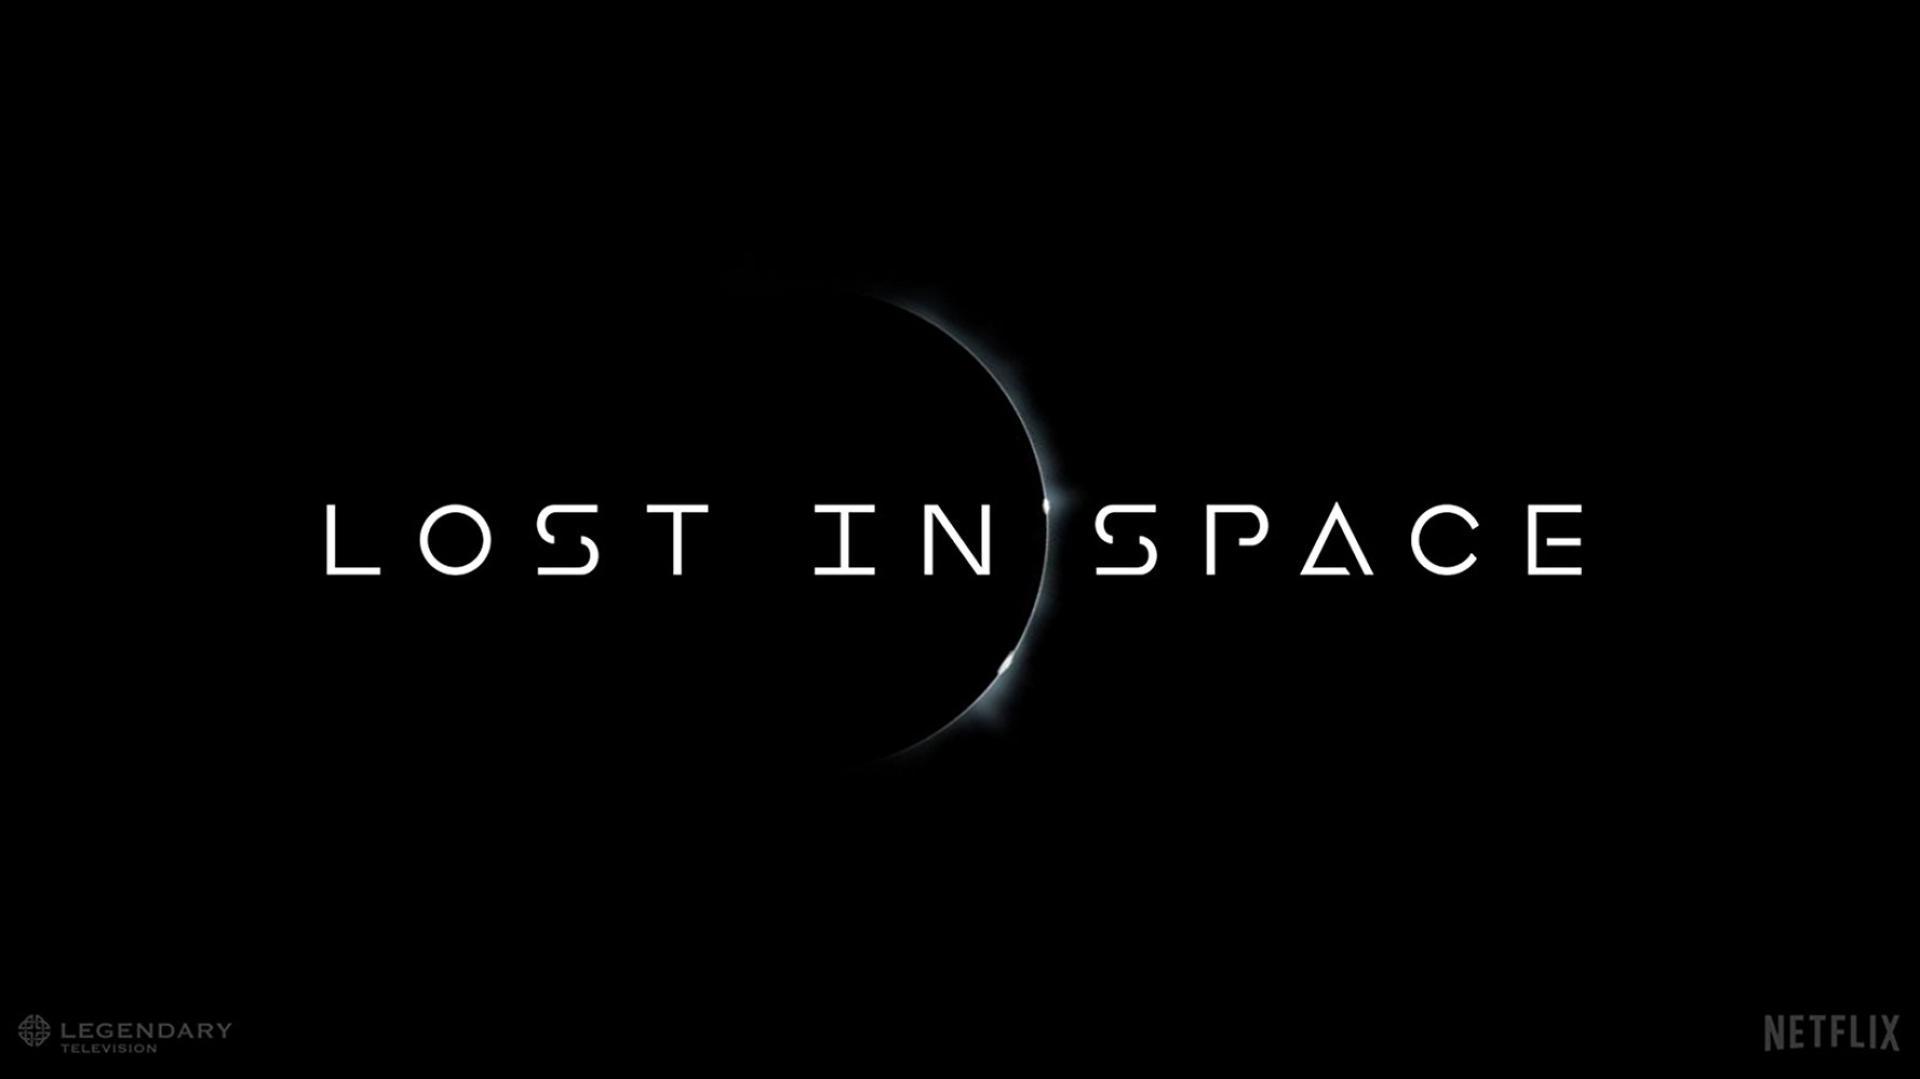 Előzetes a Netflix-es Lost In Space sorozathoz